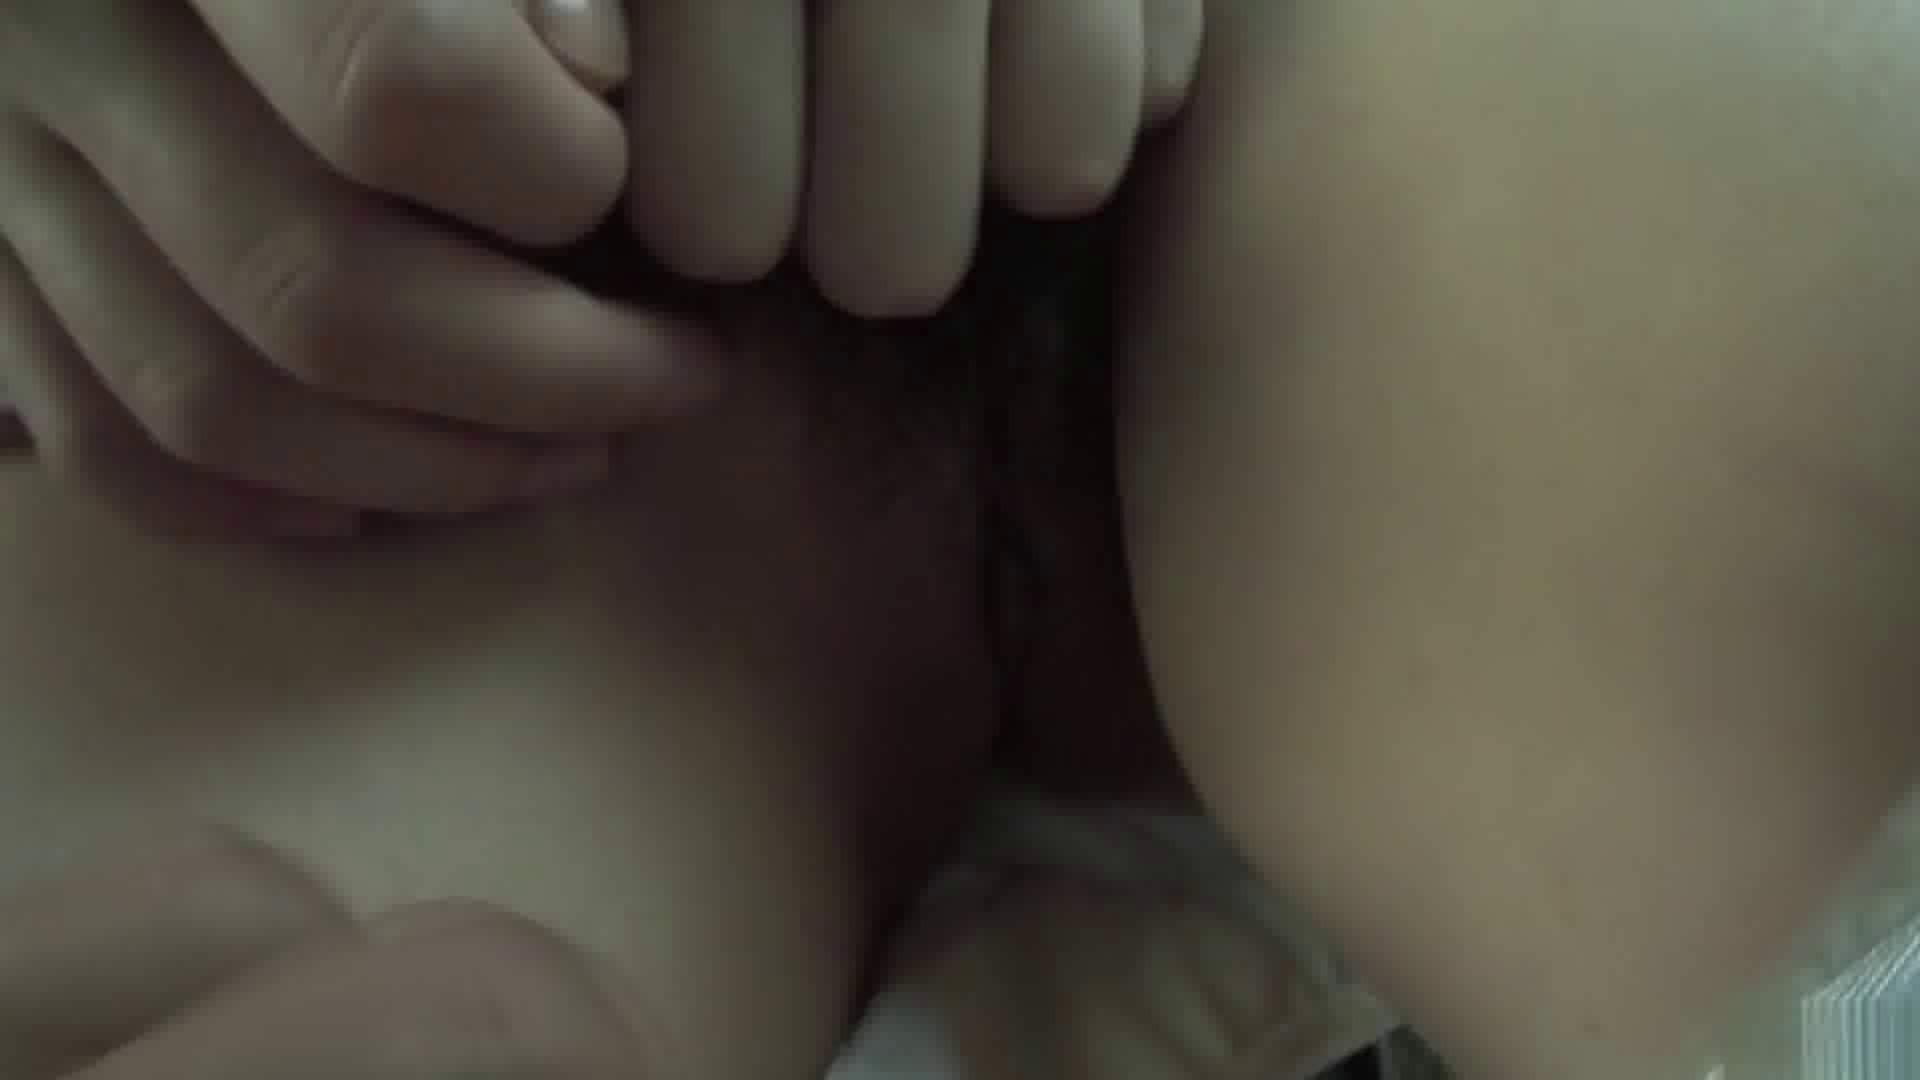 Hで可愛くてケシカラン! Vol.16 美女ヌード天国 | 車でエッチ  73PIX 34